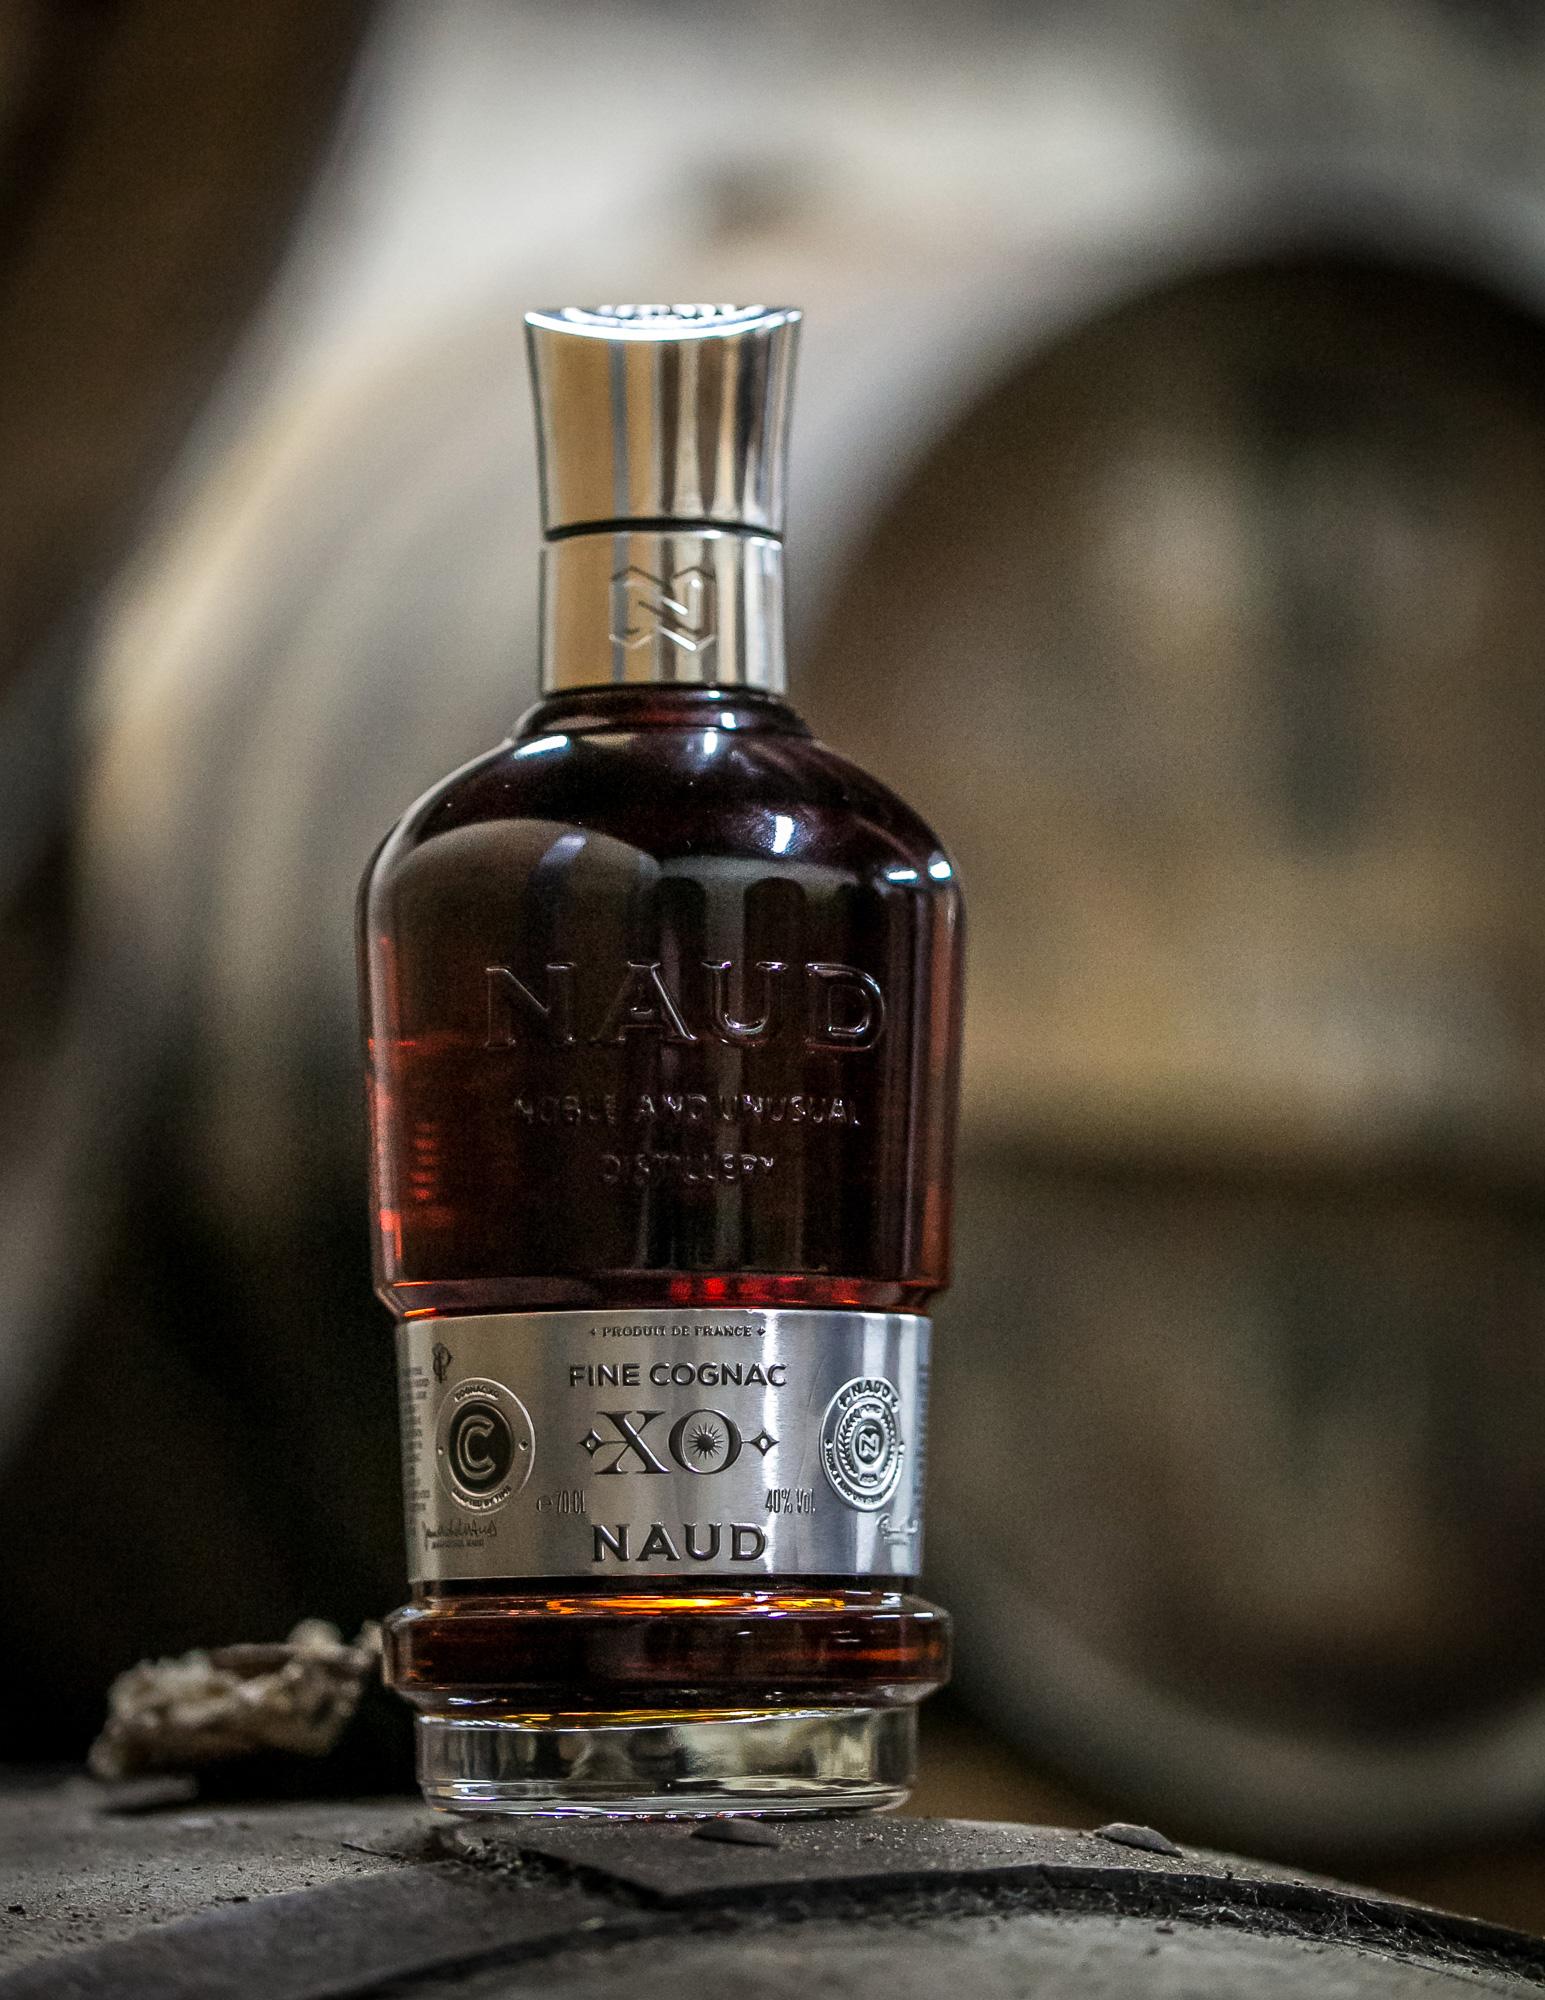 NAUD_Cognac-EXTRA-XO_SPIRITUEUX_Bouteilles-Etiquette-Identité-Marque_PLANET-DESIGN-PARIS-Eric-Berthes_08.jpg